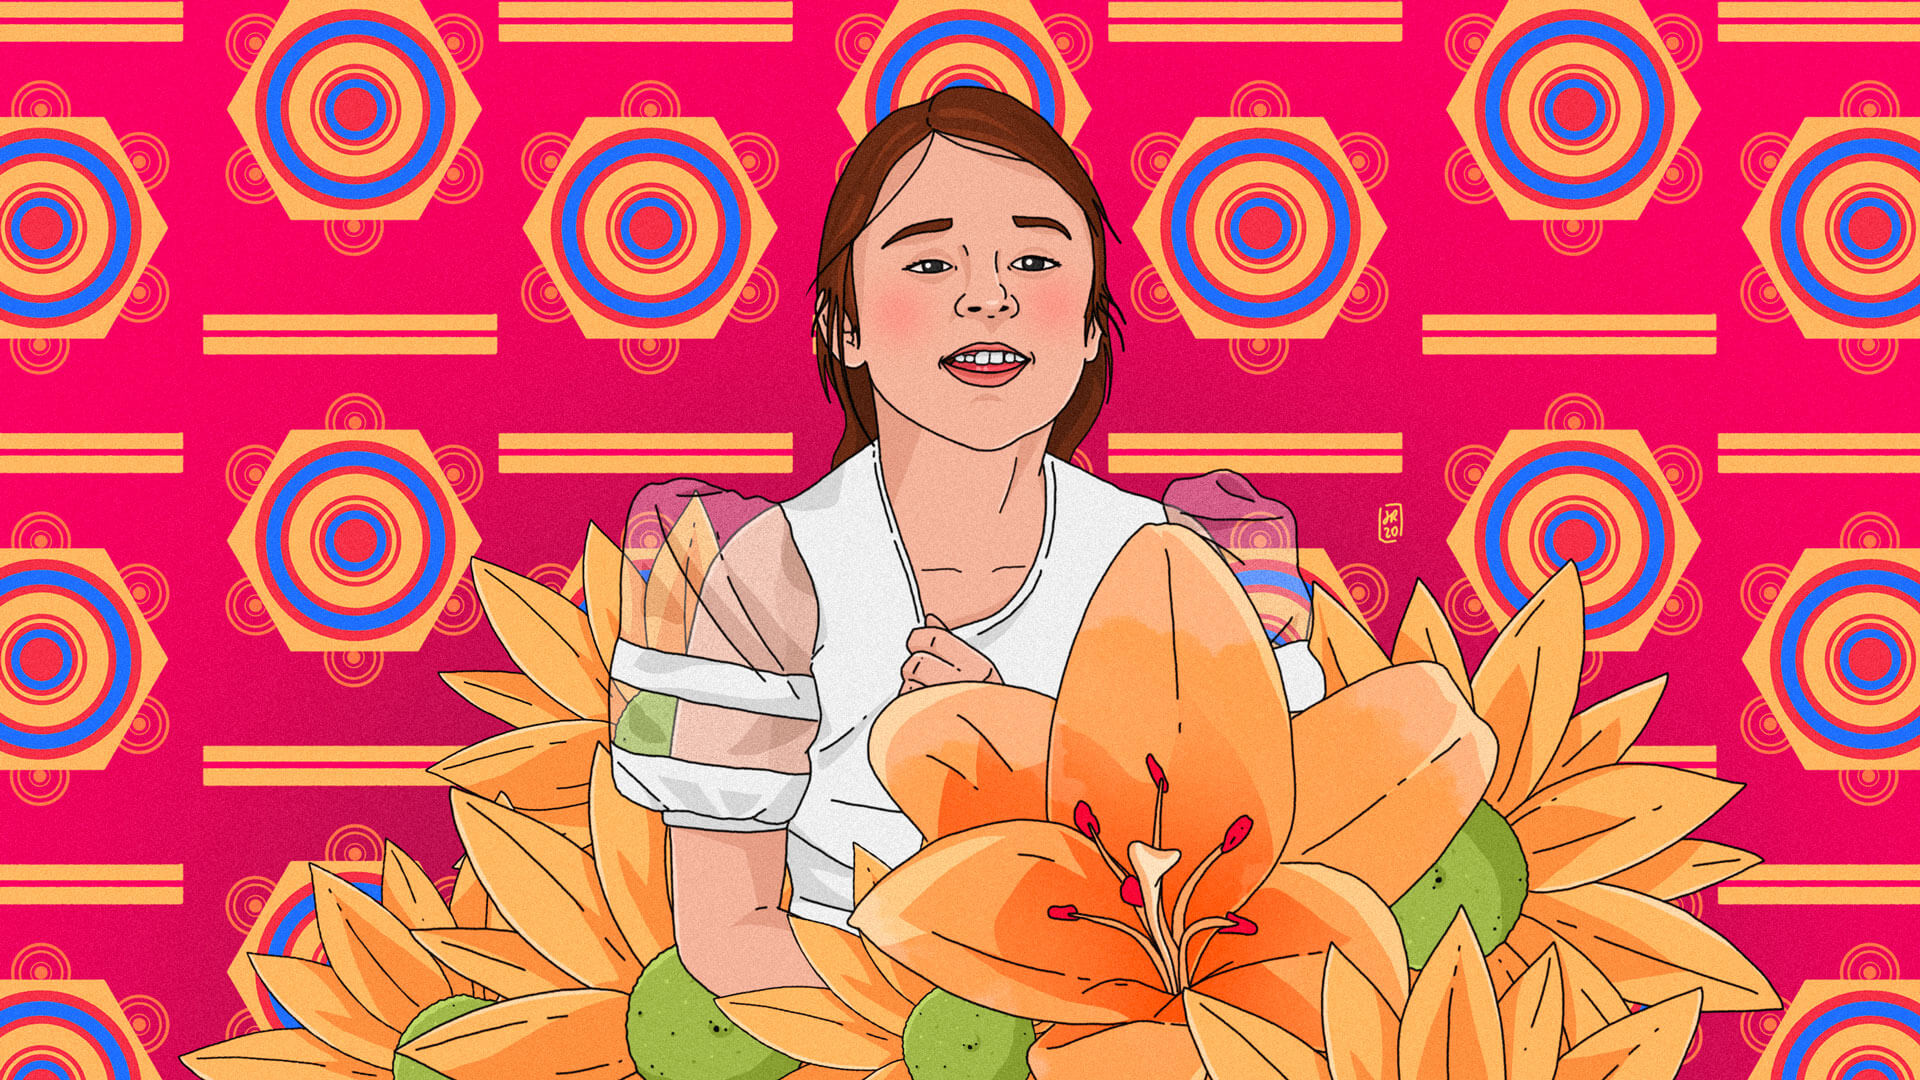 En memoria de Sandra Catalina, la niña violada y asesinada por un policía en 1993